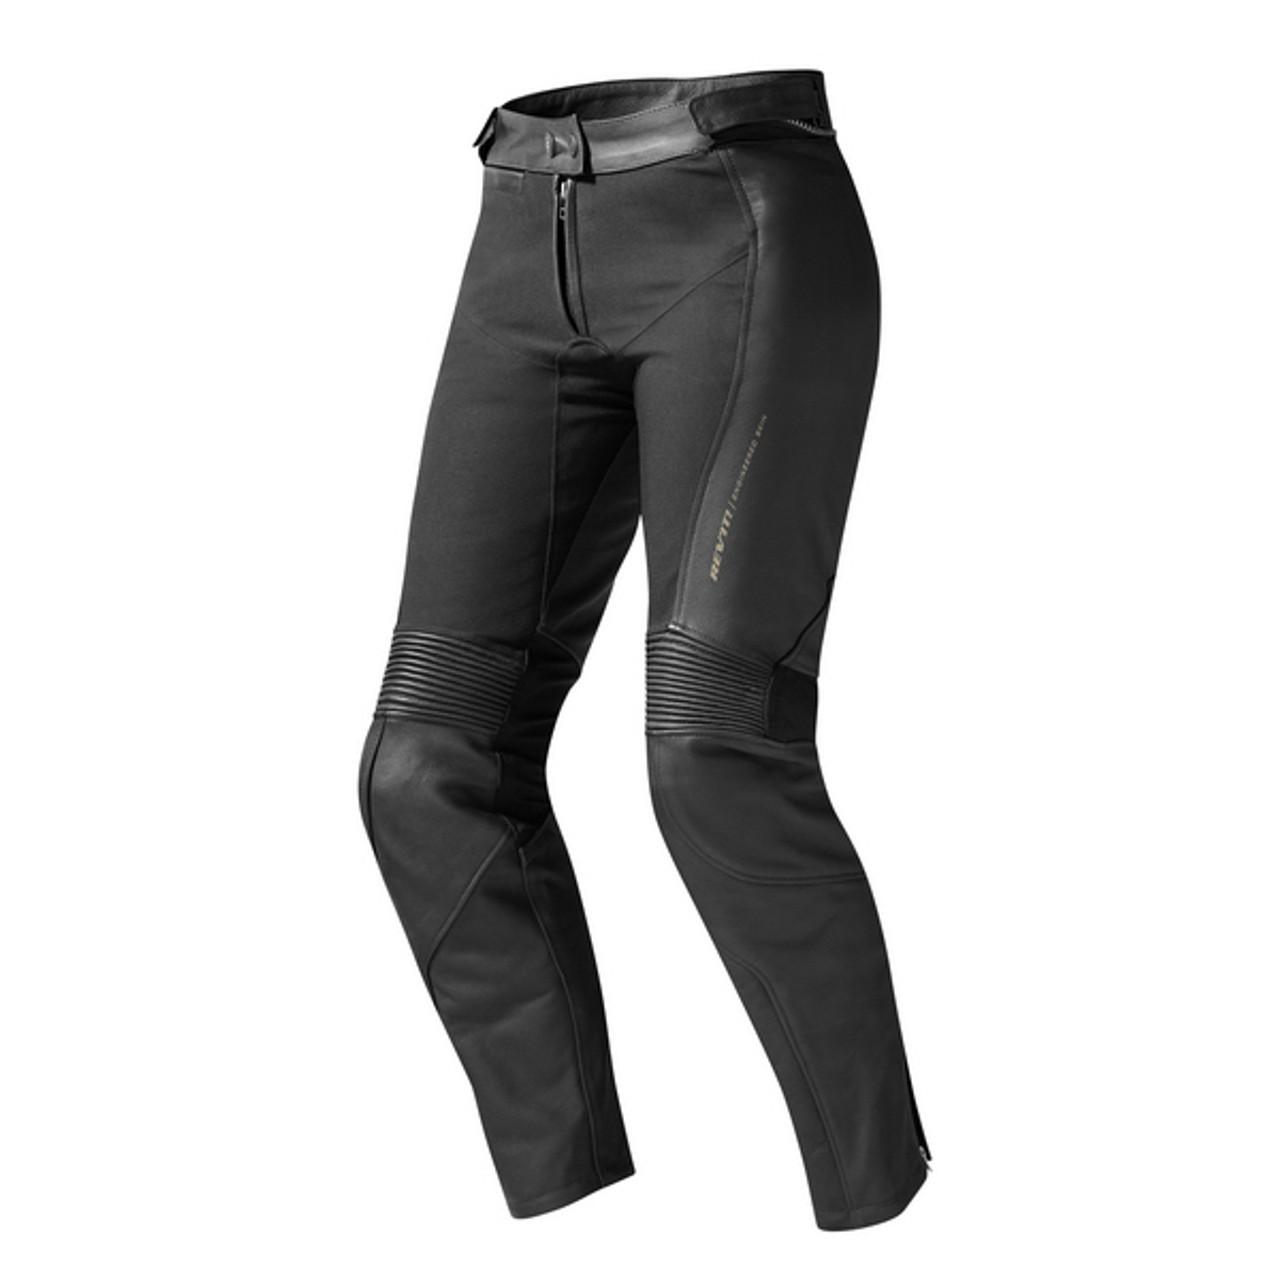 size 38 Motorcycle Textile Pants REVIT FACTOR 3 LADIES